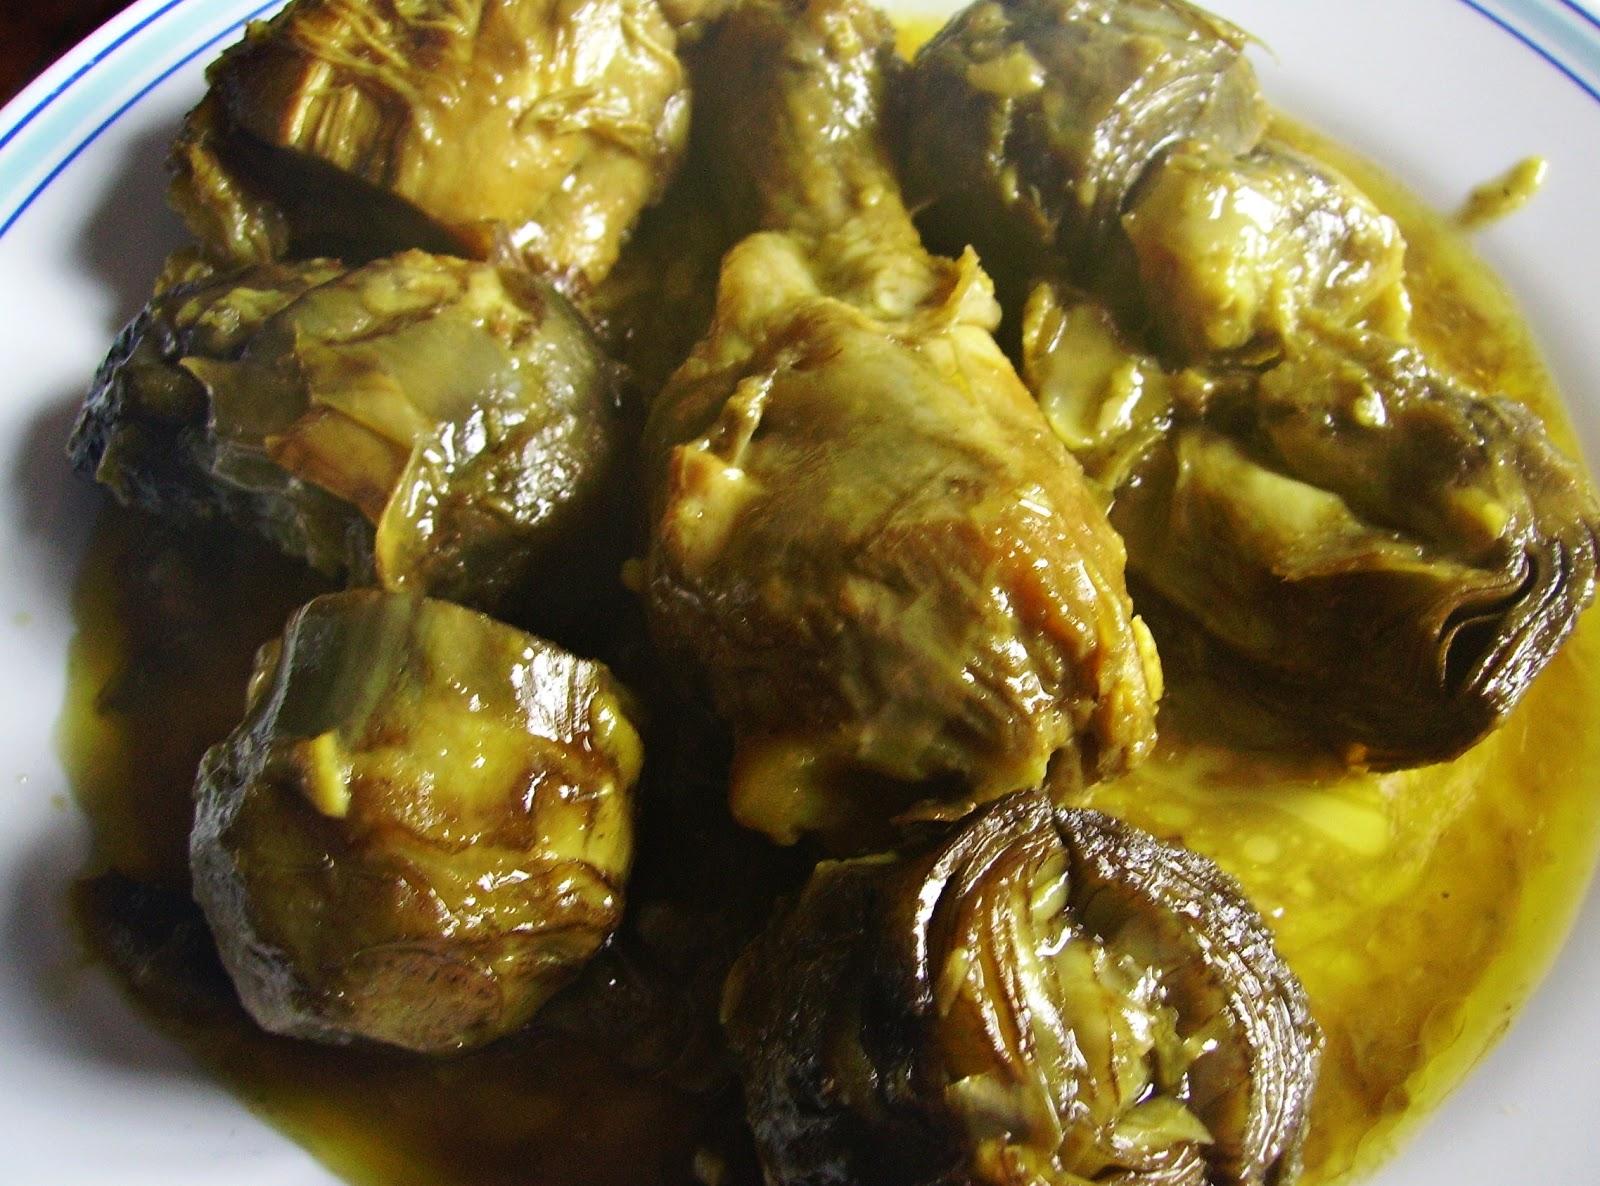 Adam cocina pollo con alcachofas for Maneras de cocinar pollo